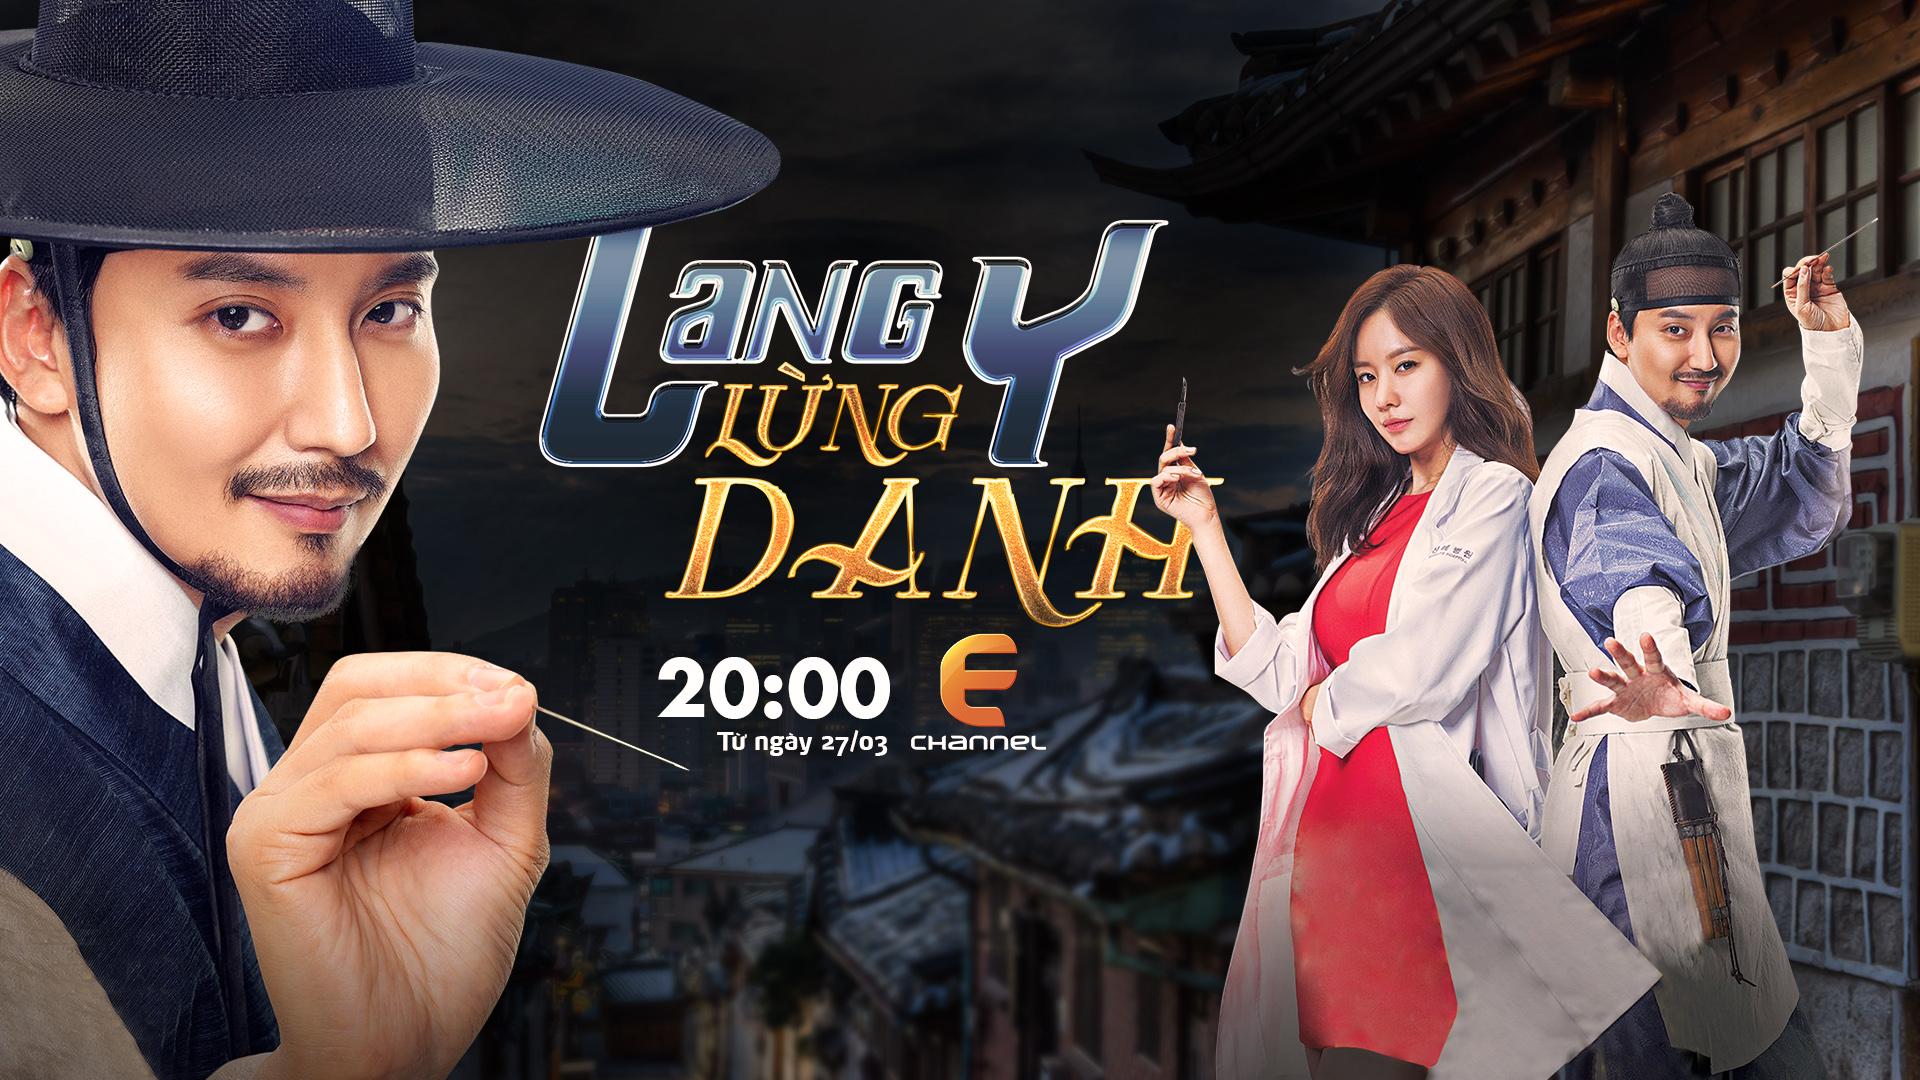 LANG Y LỪNG DANH